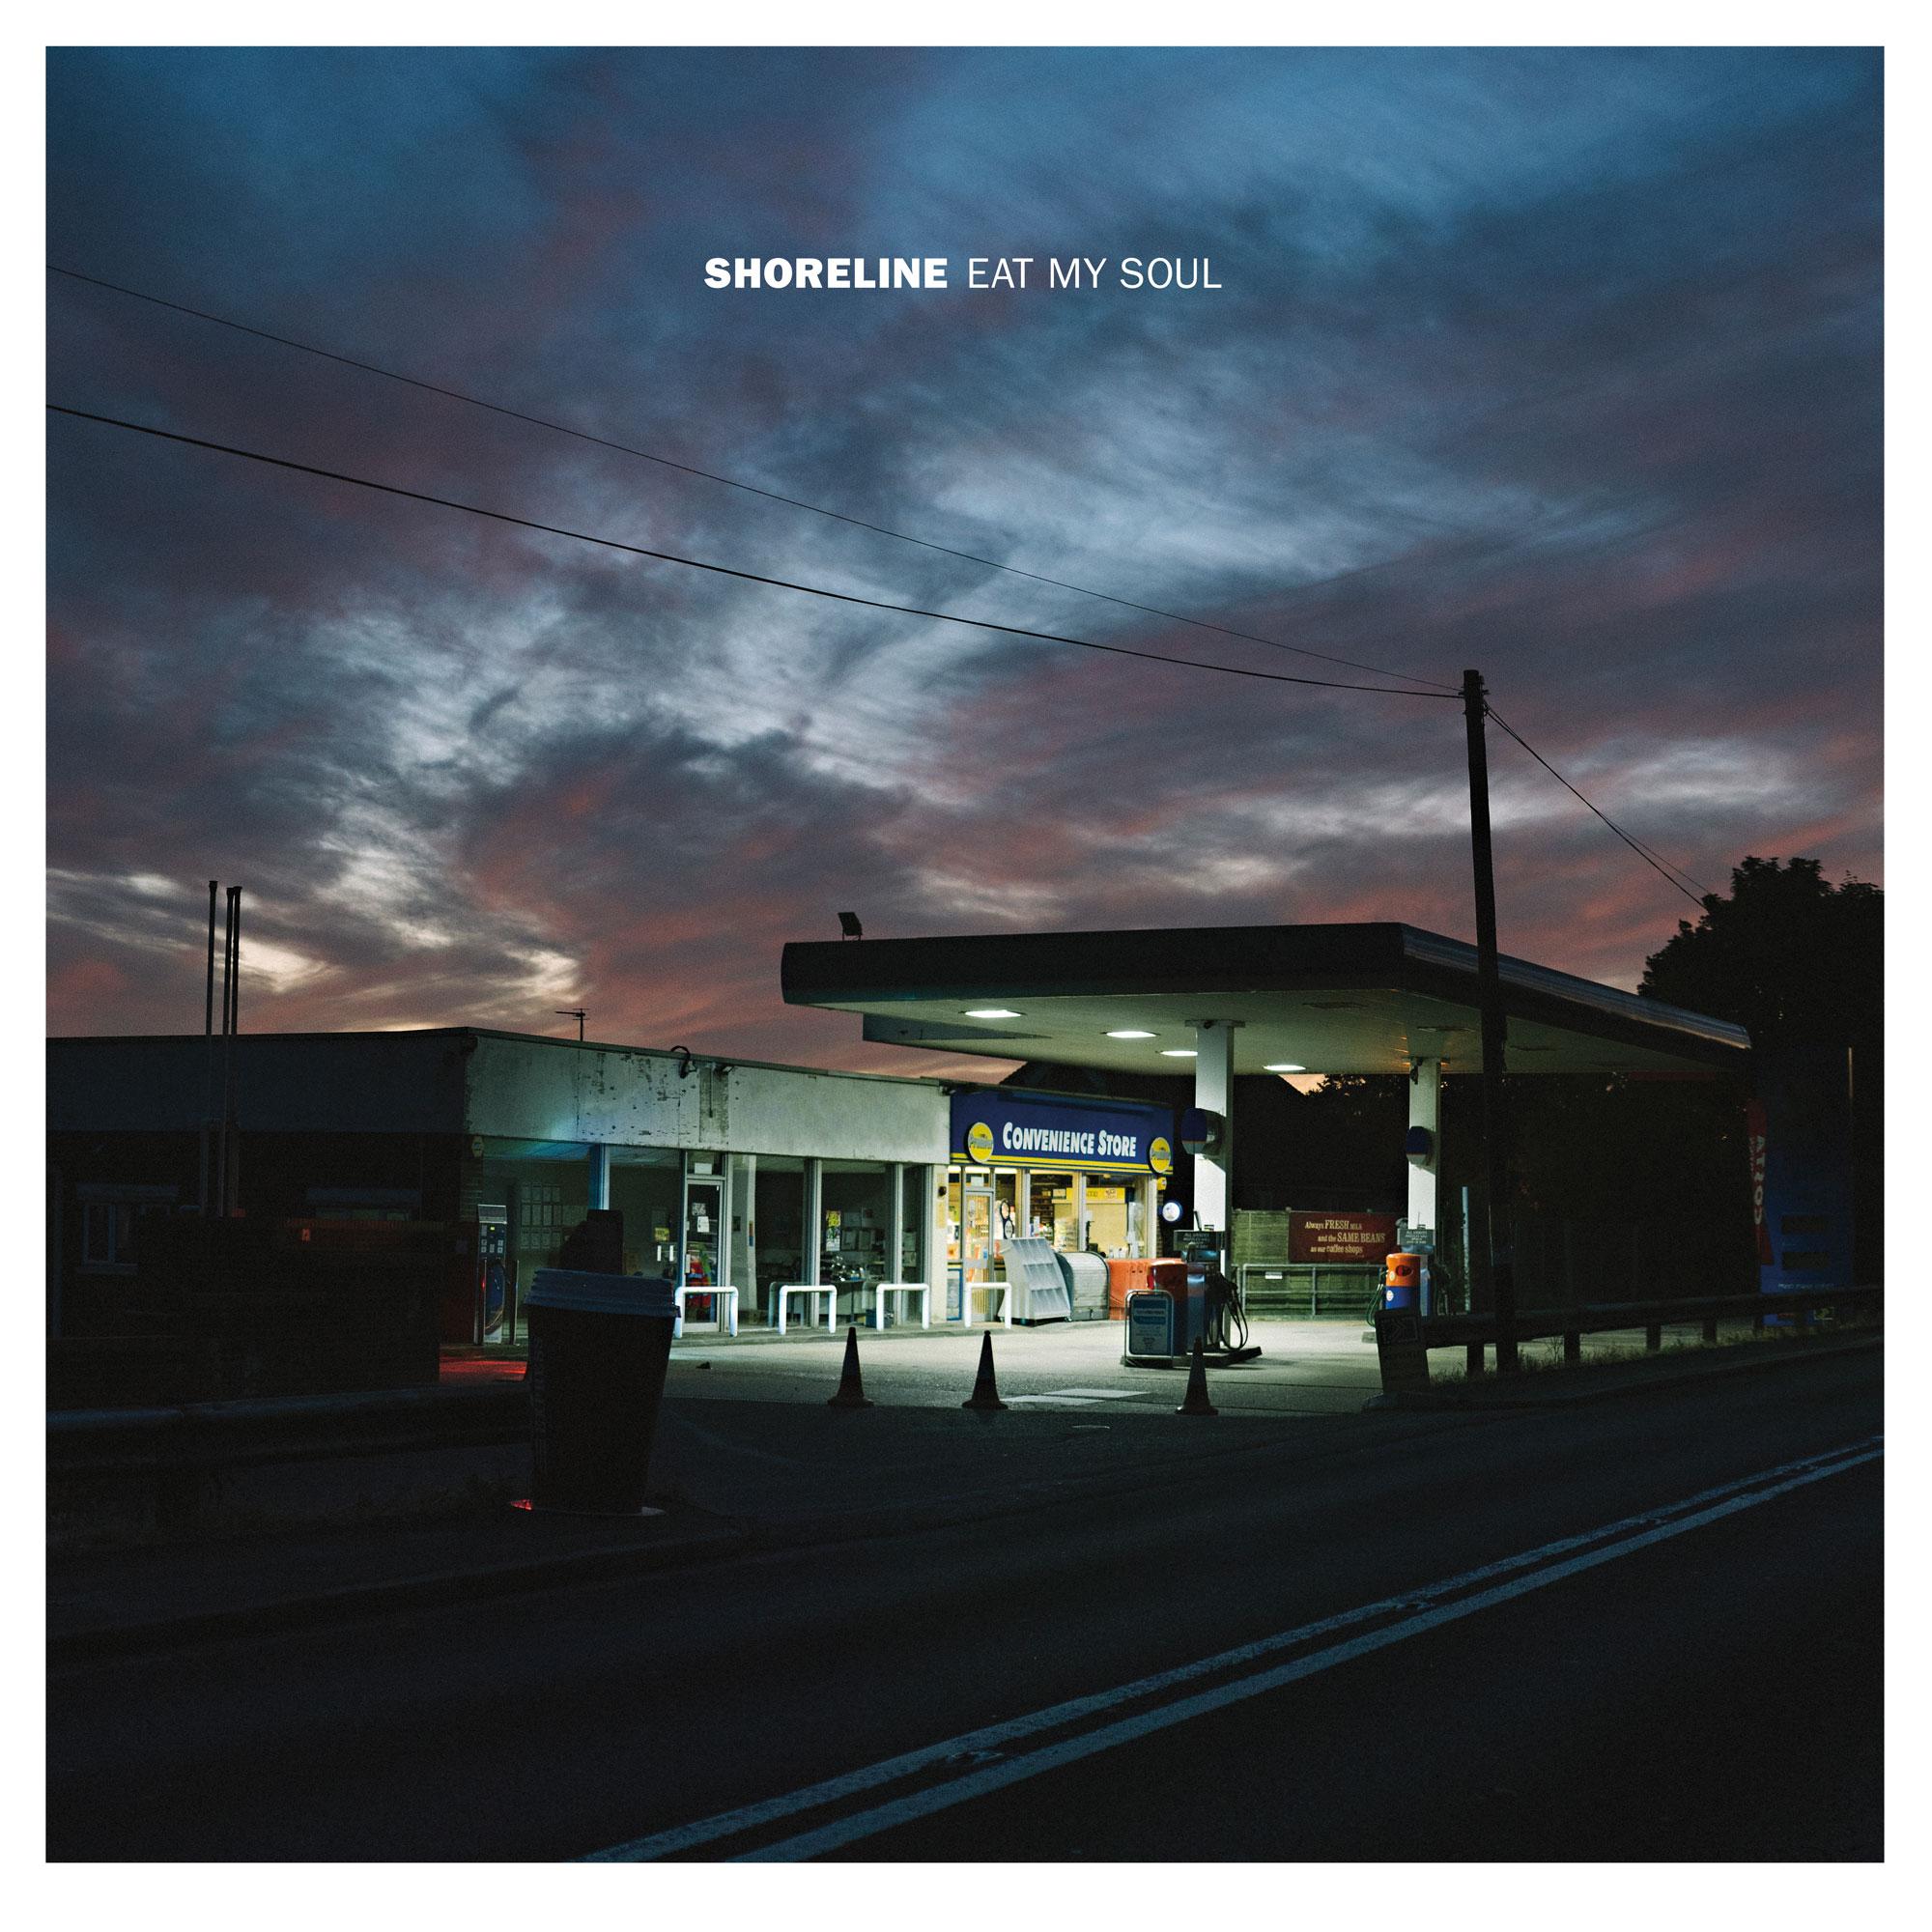 shoreline-eat-my-soul-summer-vibes-album-review